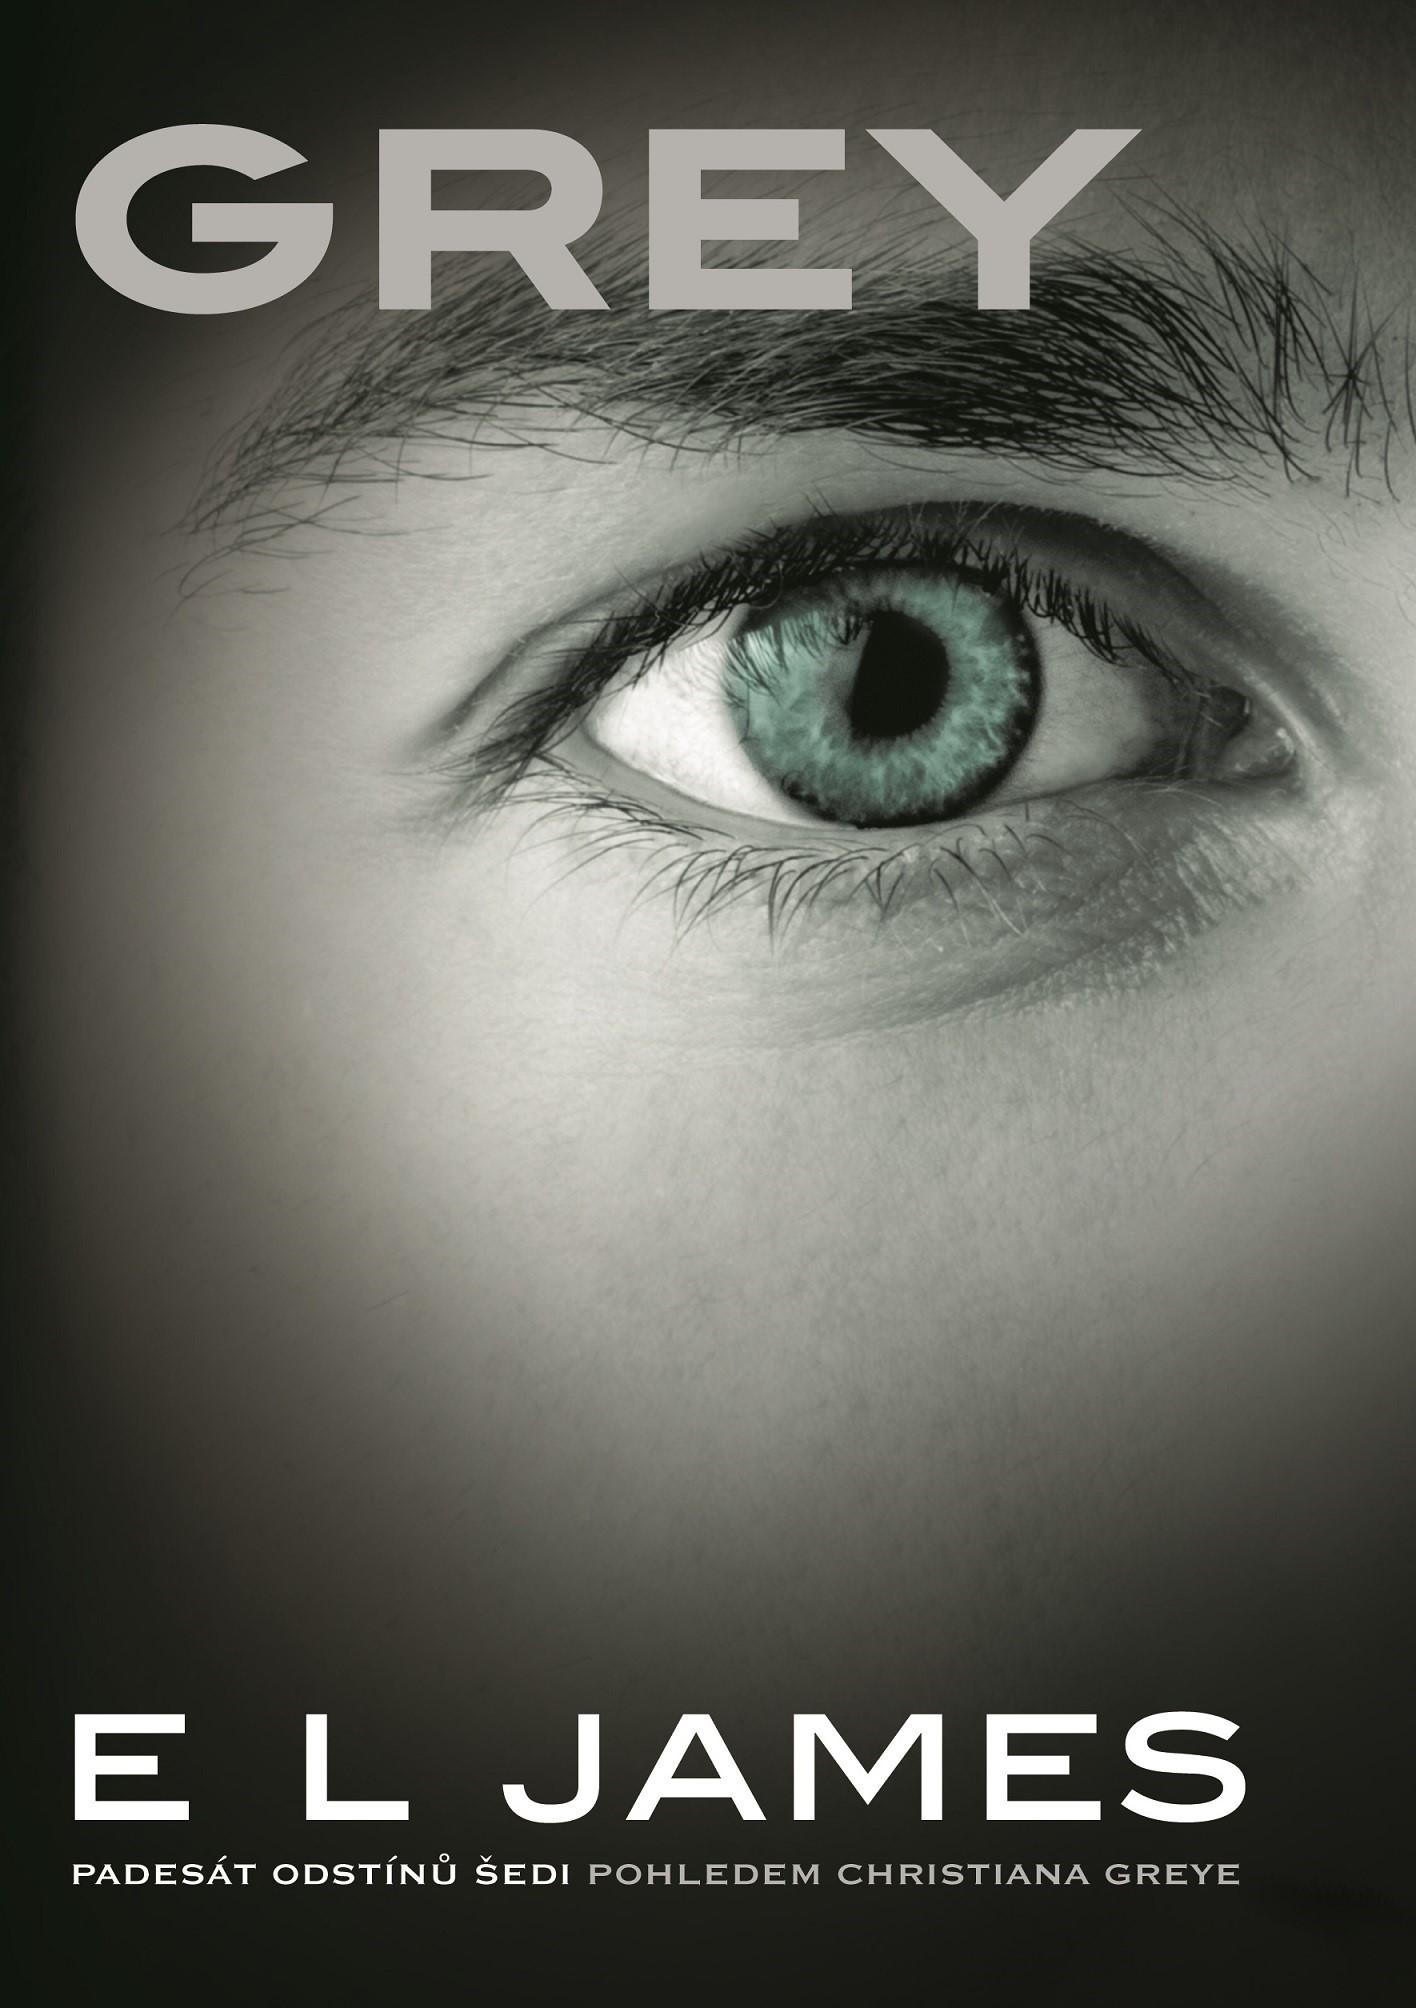 Grey | E L James